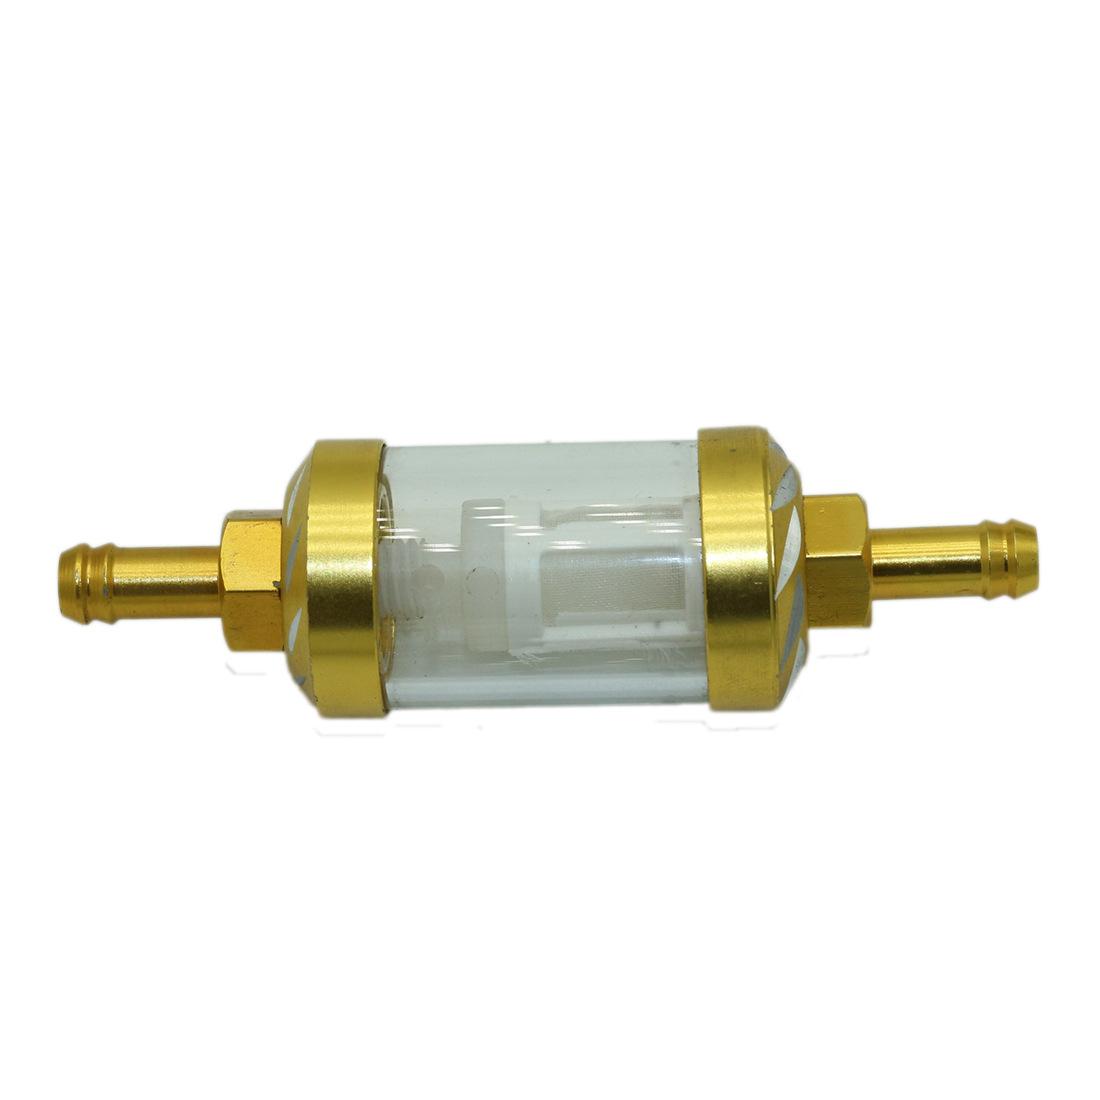 Bộ lọc xe máy CNC trong suốt ống lọc nhiên liệu xe máy